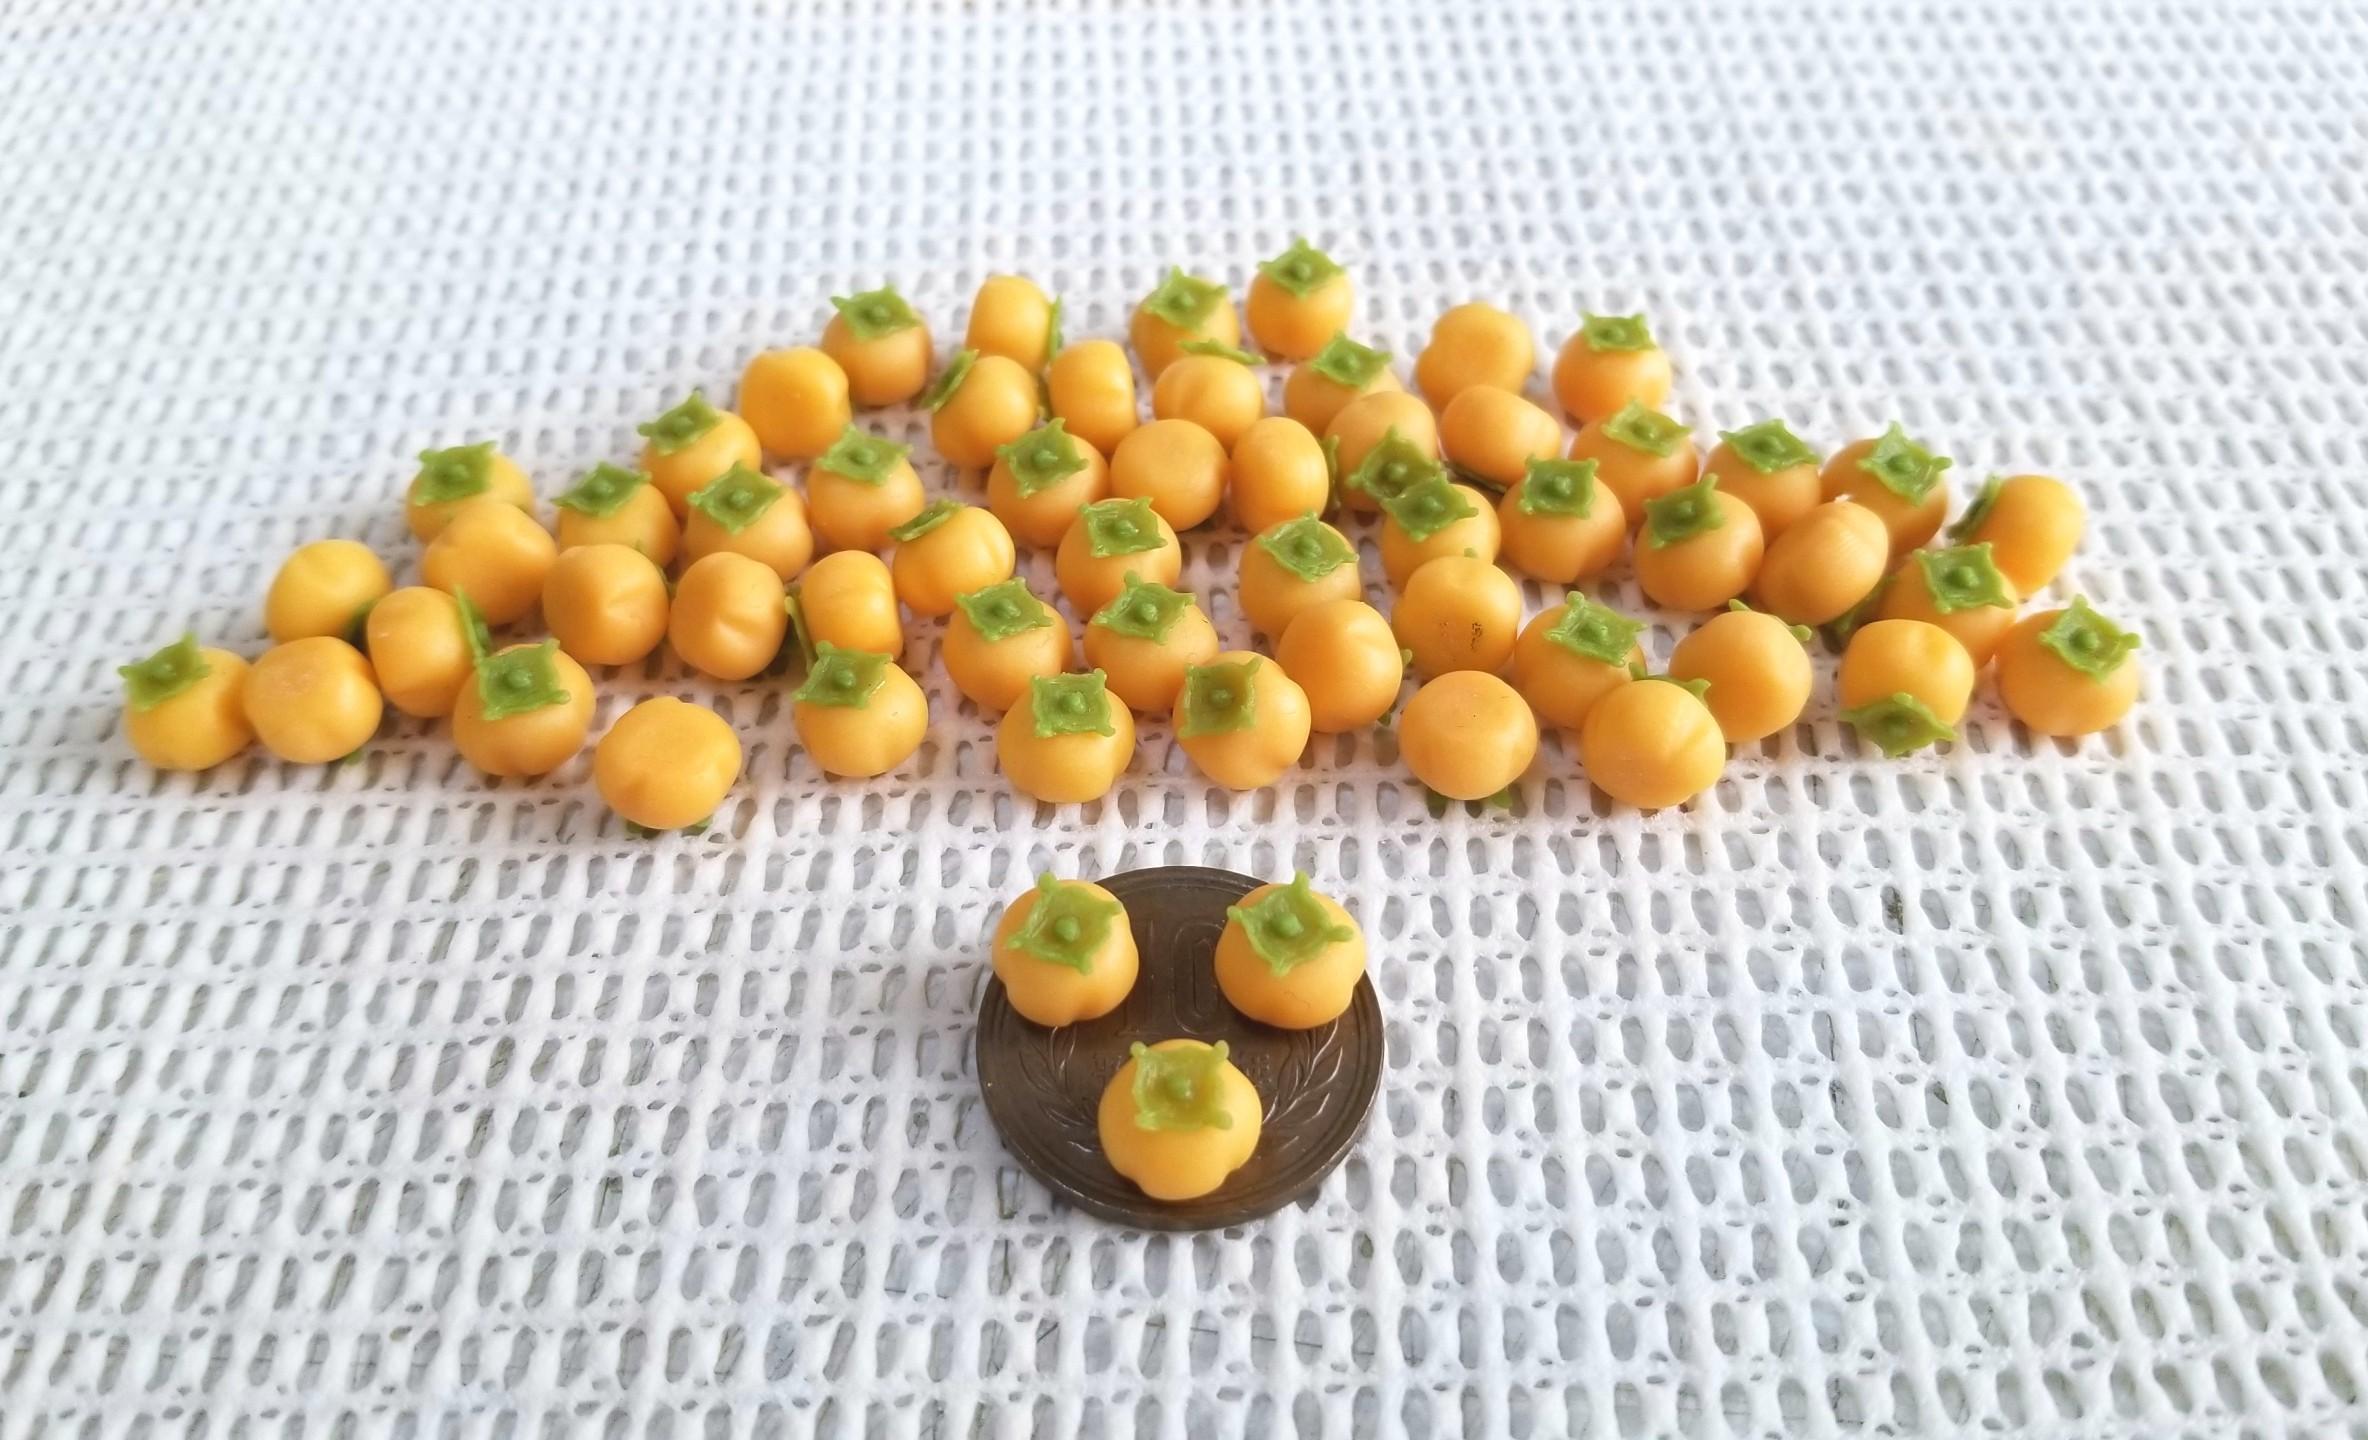 ミニチュアフード,和菓子,柿,樹脂粘土,オビツろいど,練りきり